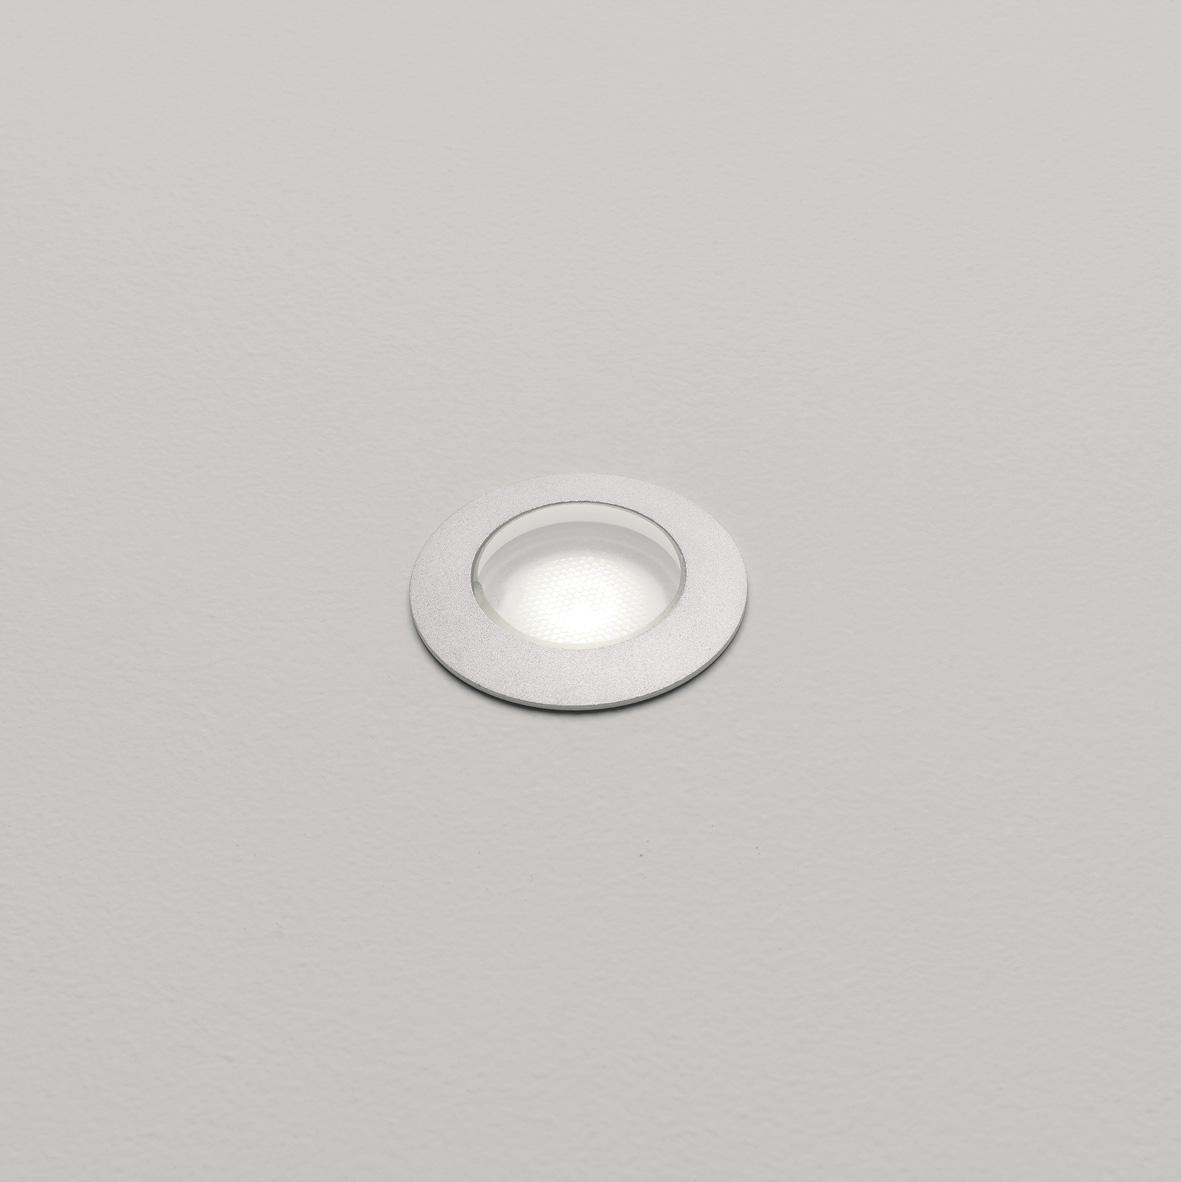 TERRA 42 LED faretto incasso